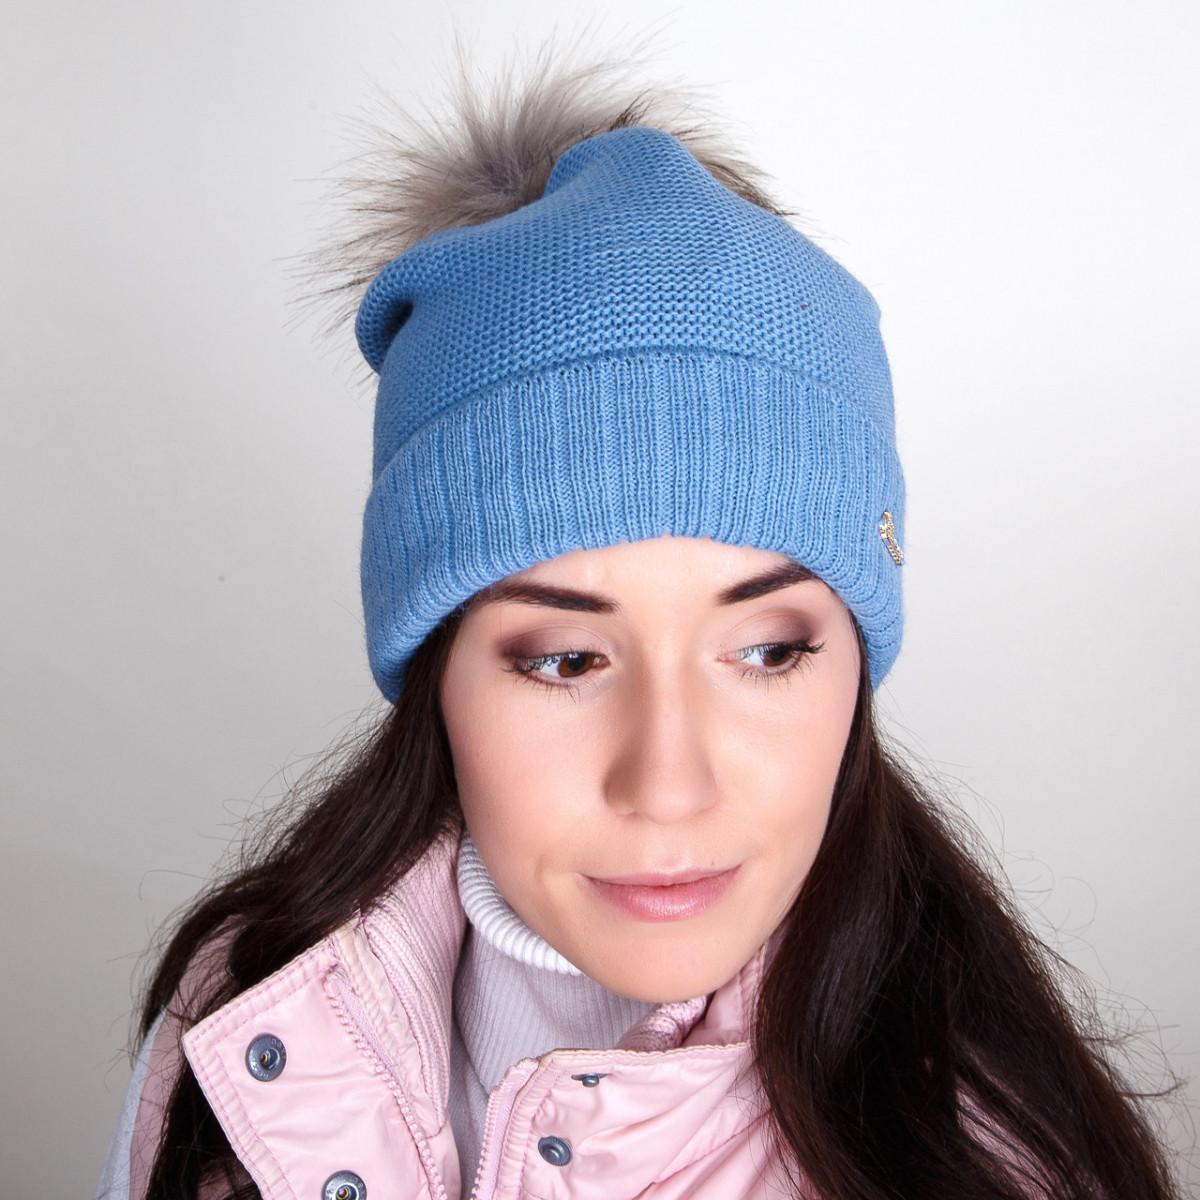 Стильная зимняя шапка с меховым помпоном для женщин - Артикул pg-1